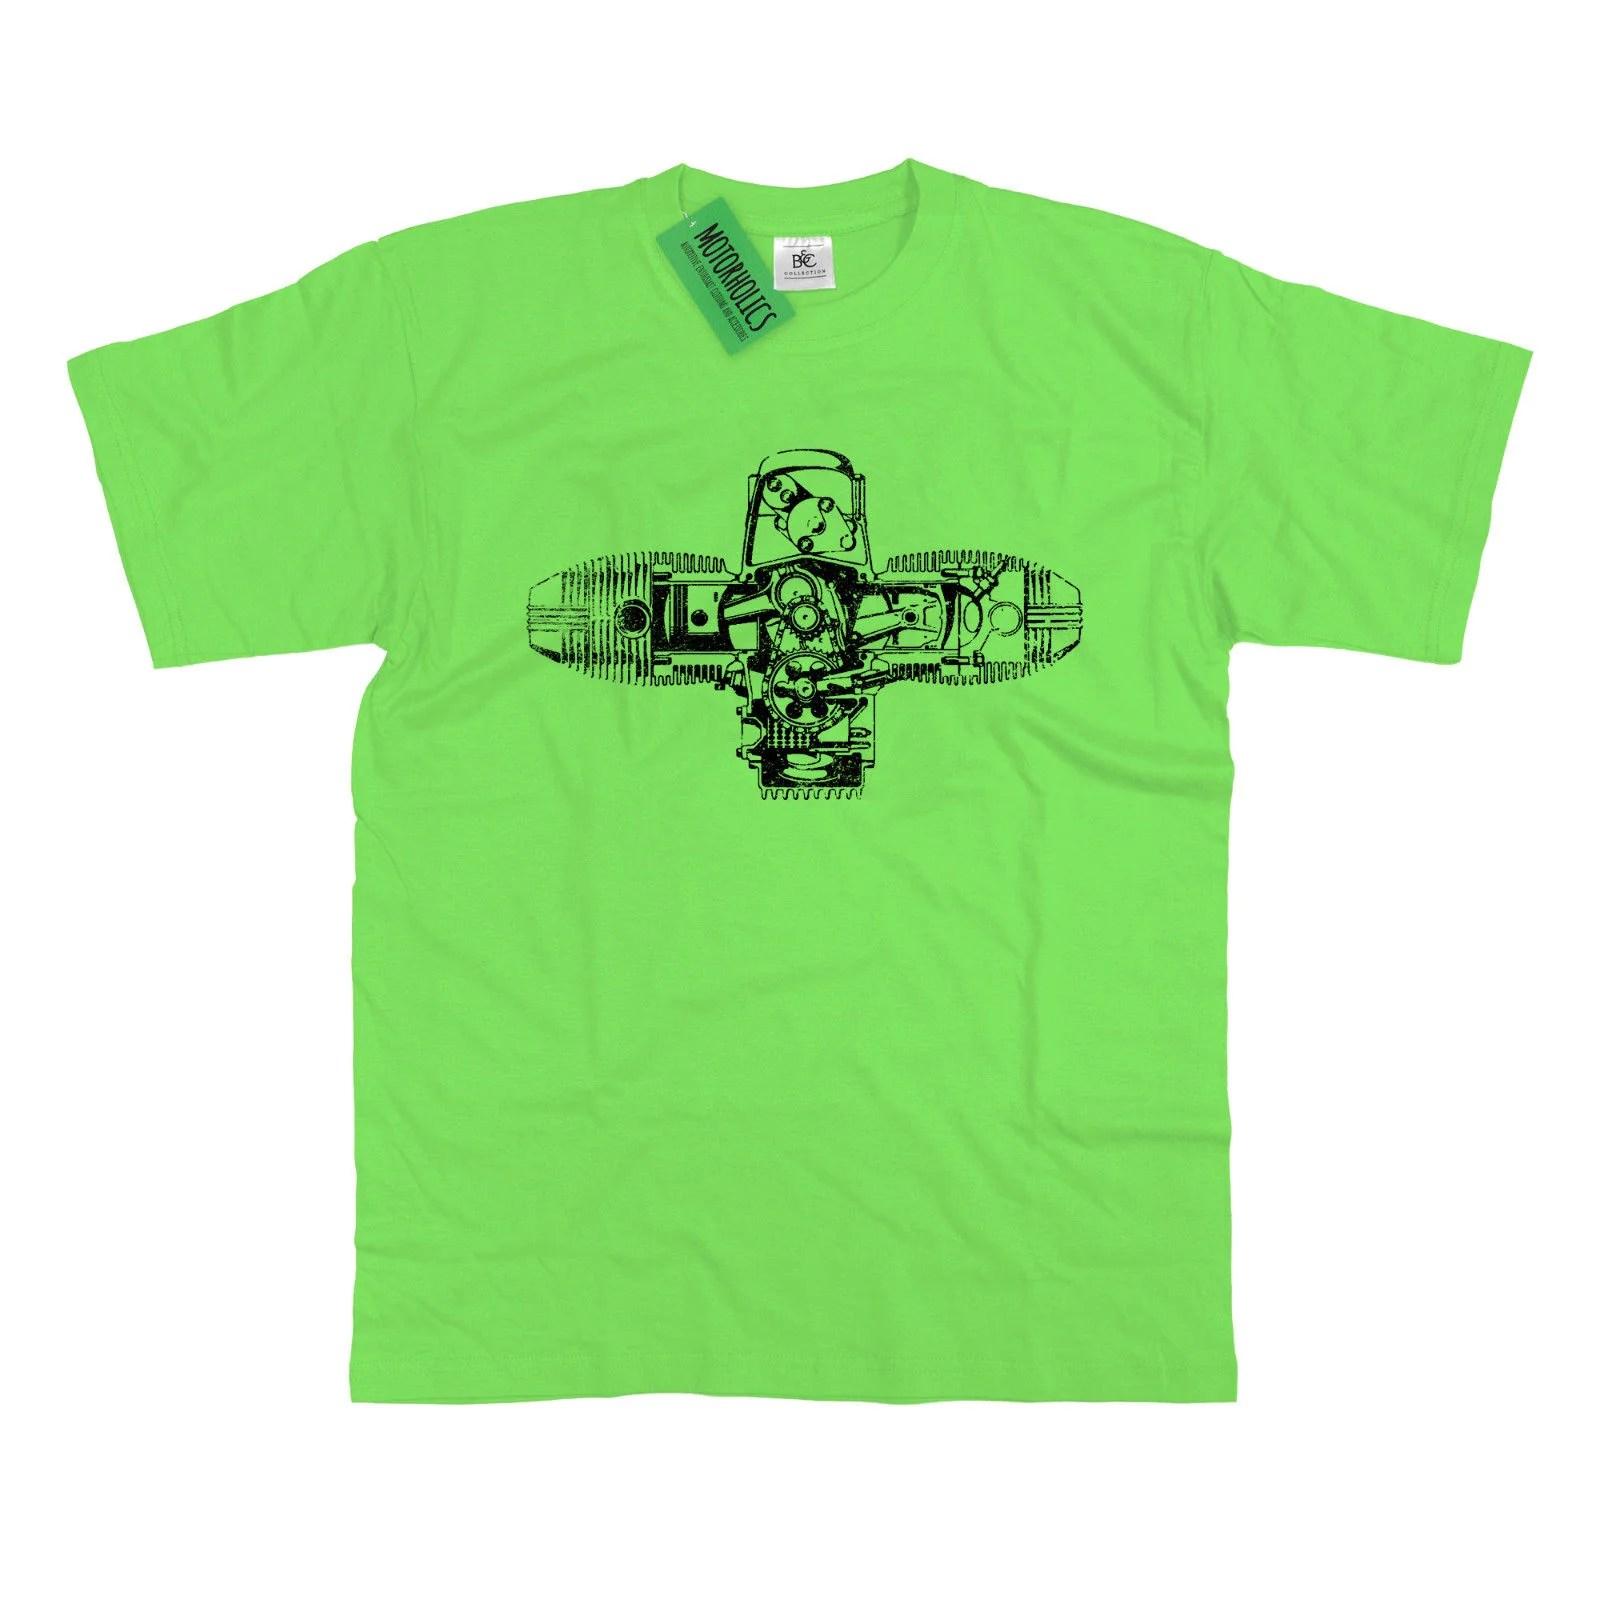 r series boxer engine diagram retro 70s cafe racer t shirt s 5xl r1200gs r90s [ 1600 x 1600 Pixel ]